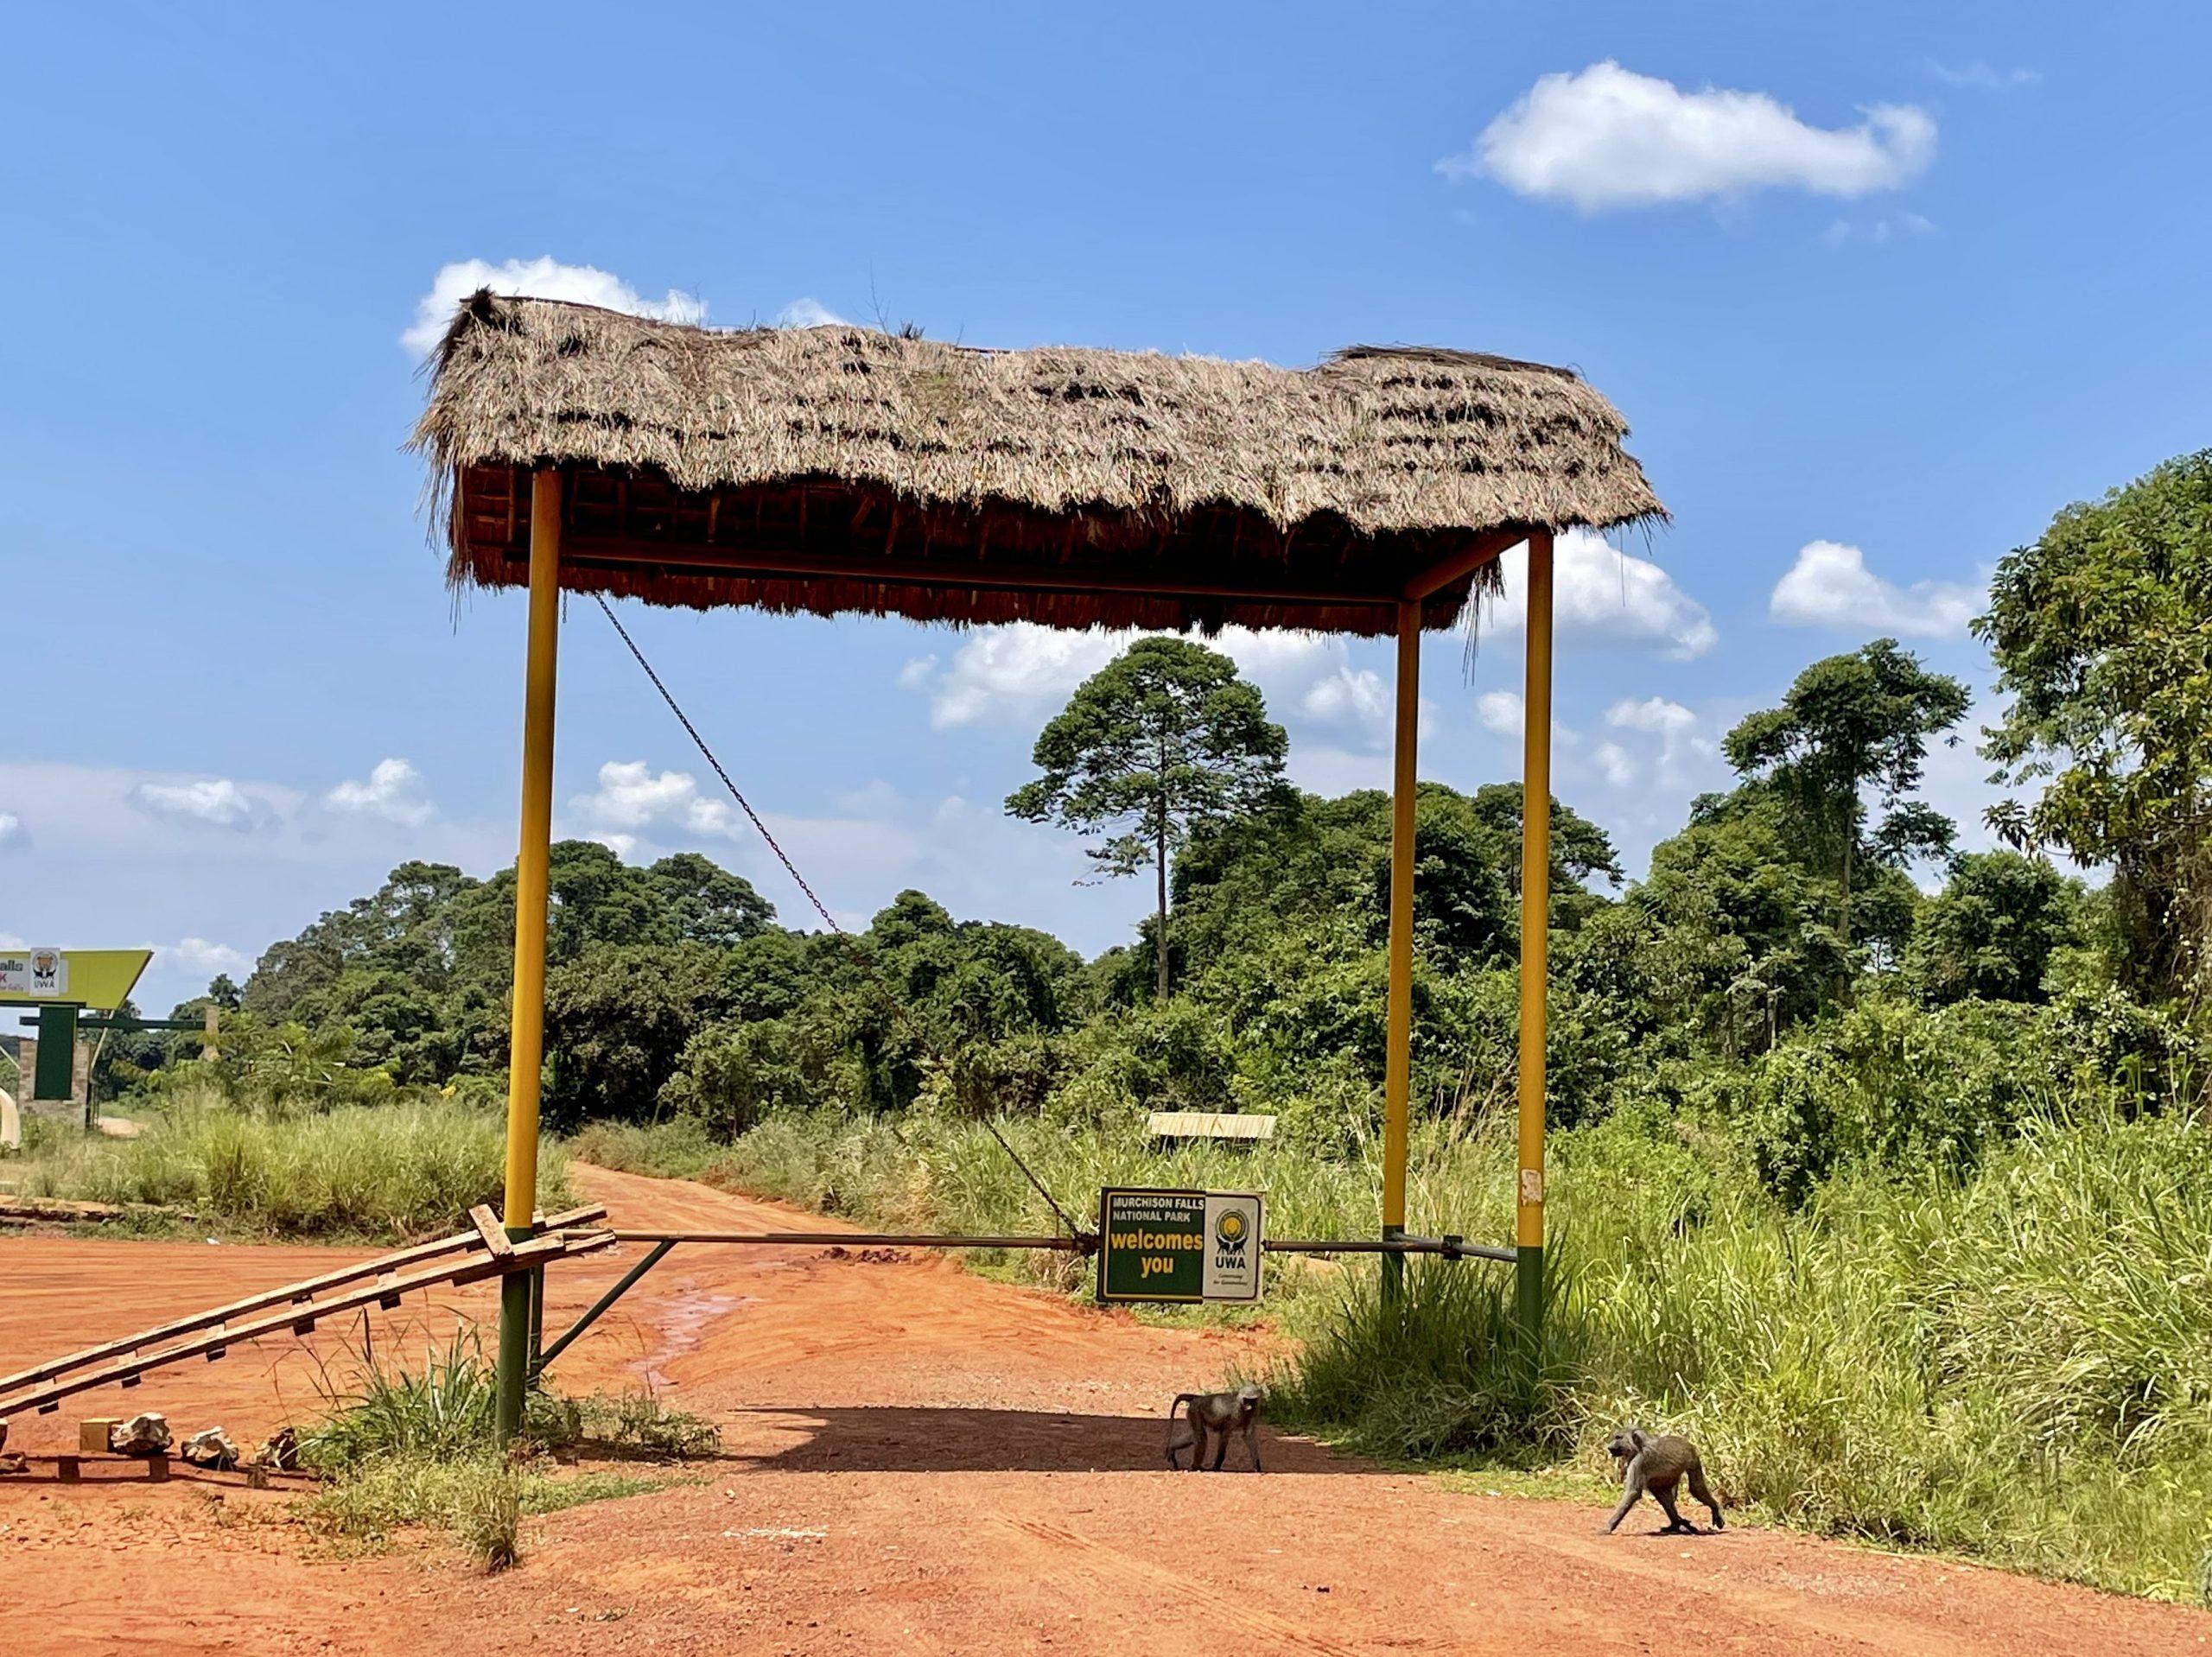 De nieuwe entree van Murchison Falls NP nabij Masindi